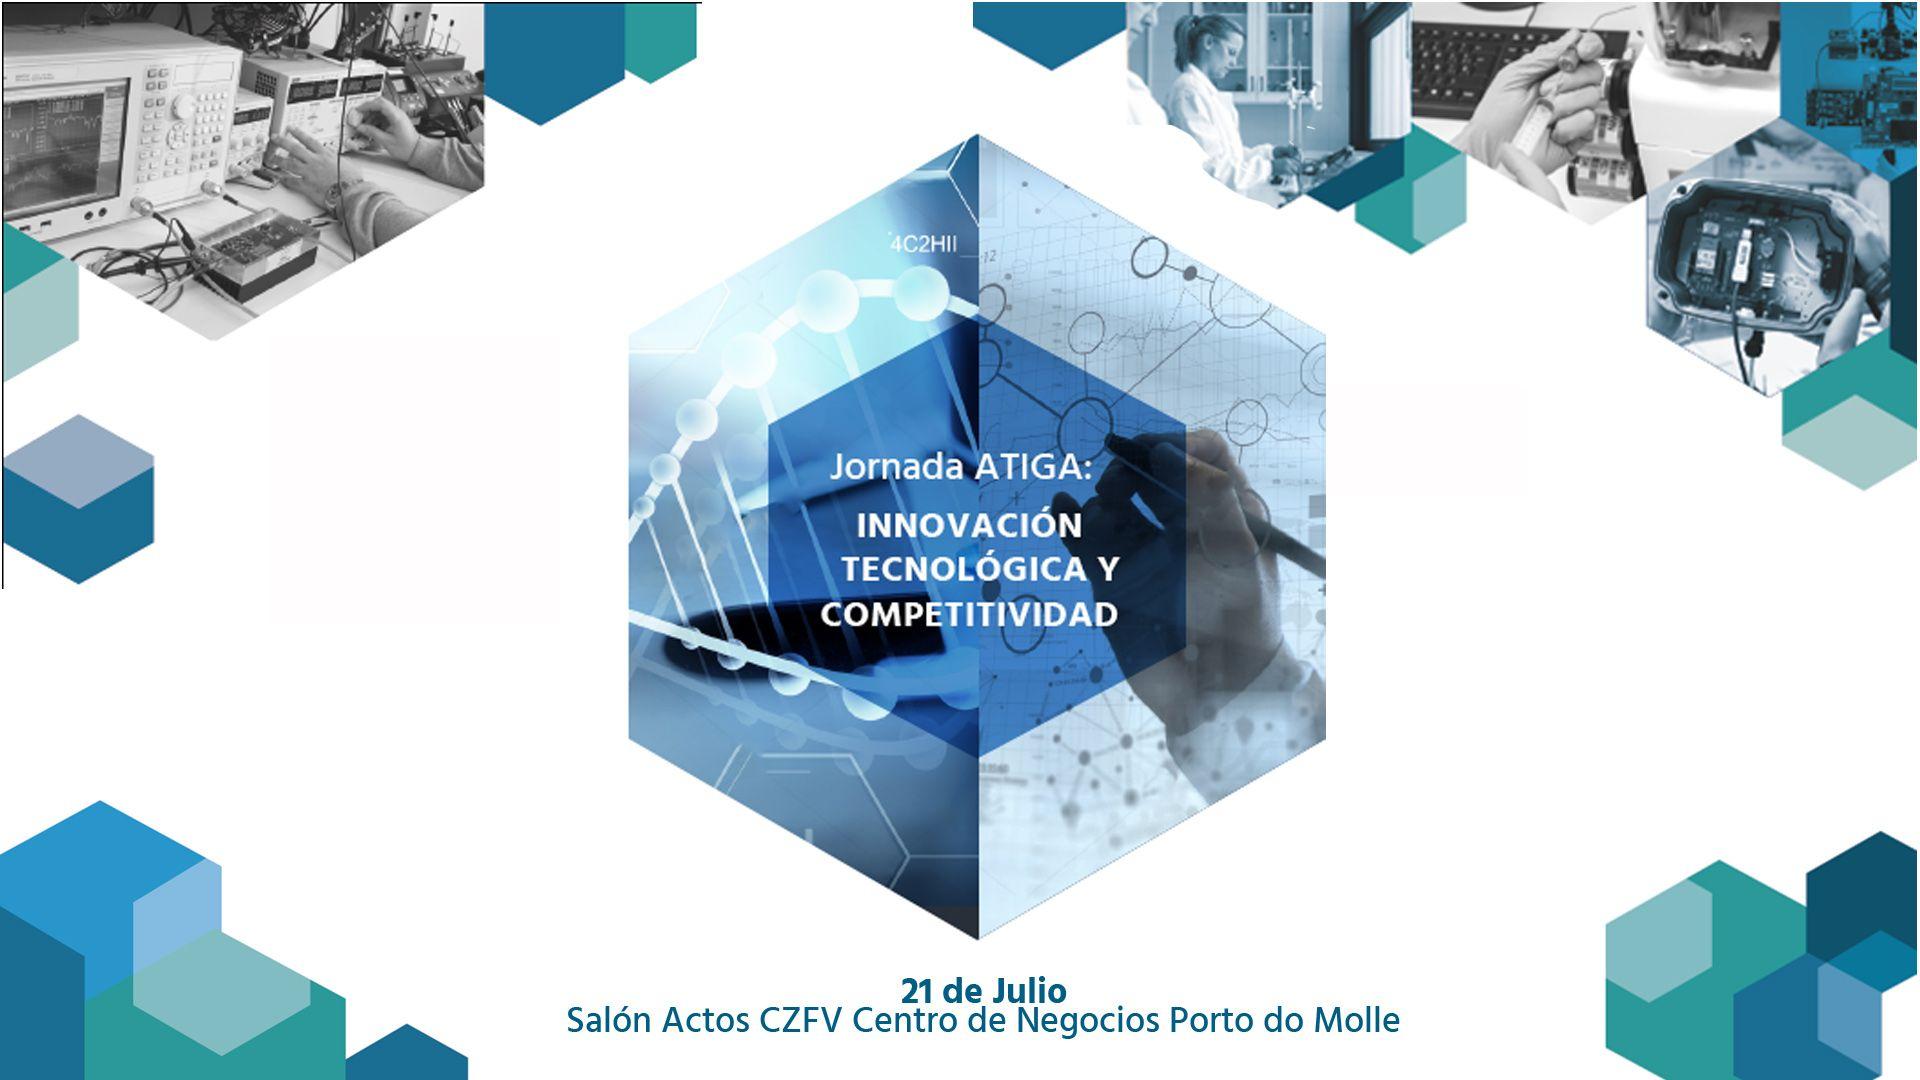 Jornada ATIGA: Innovación Tecnológica y Competitividad - CZFV